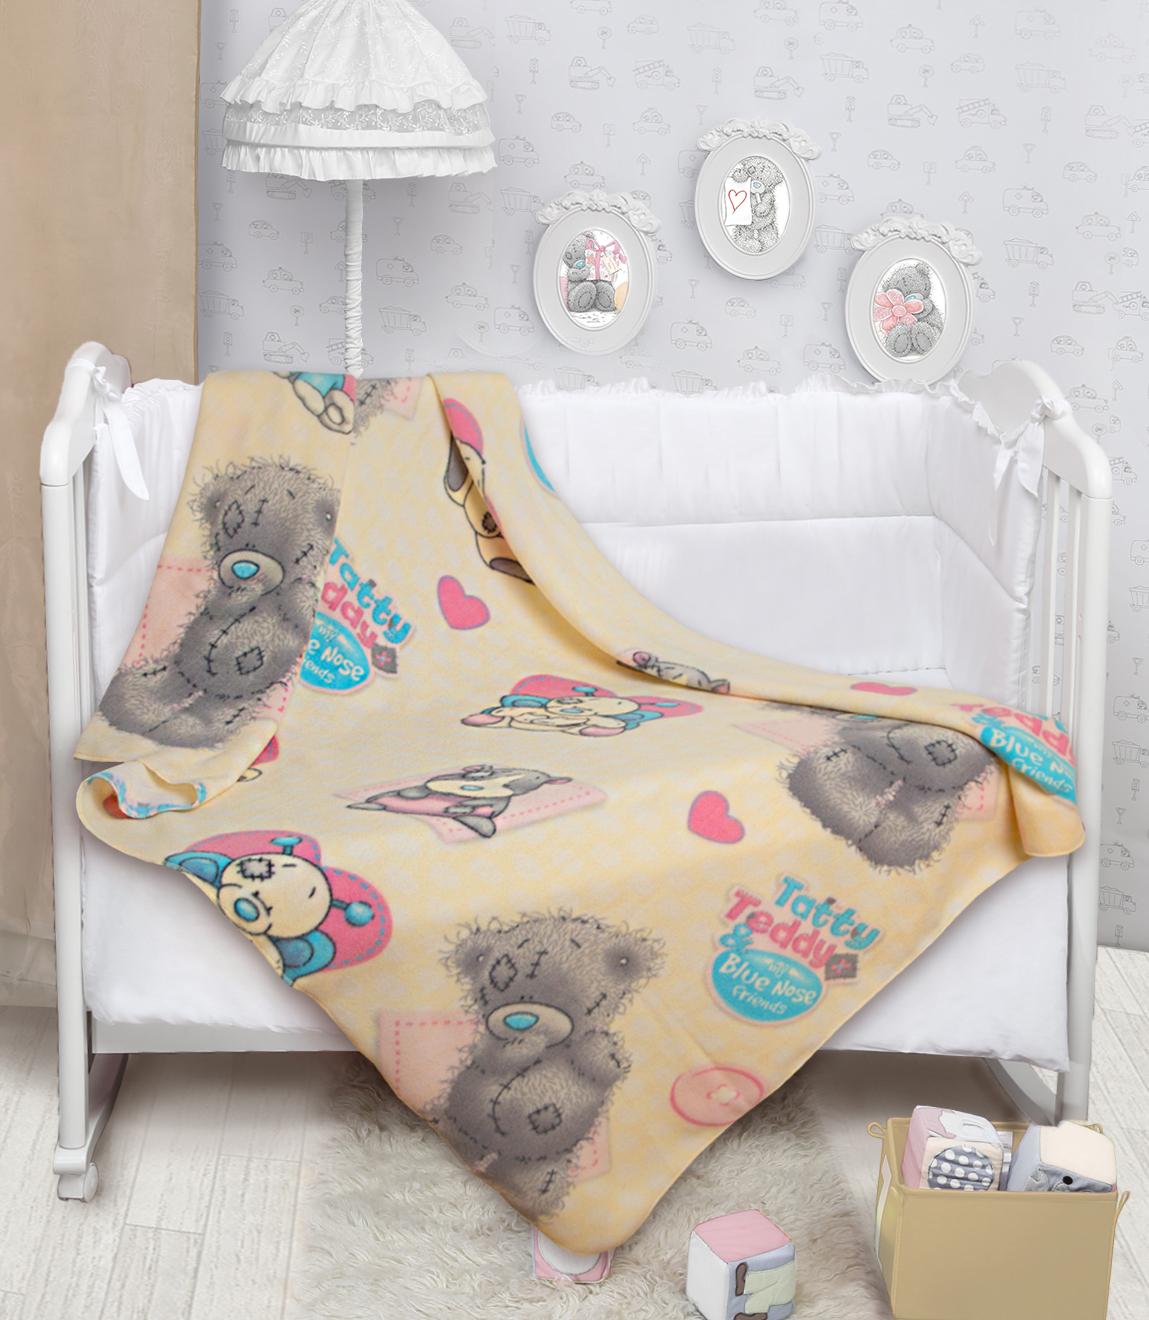 Купить Покрывала, подушки, одеяла для малышей Mona Liza, Детский плед Teddy и Голубоносики (150х200 см), Россия, Персиковый, Серый, Синтетический флис